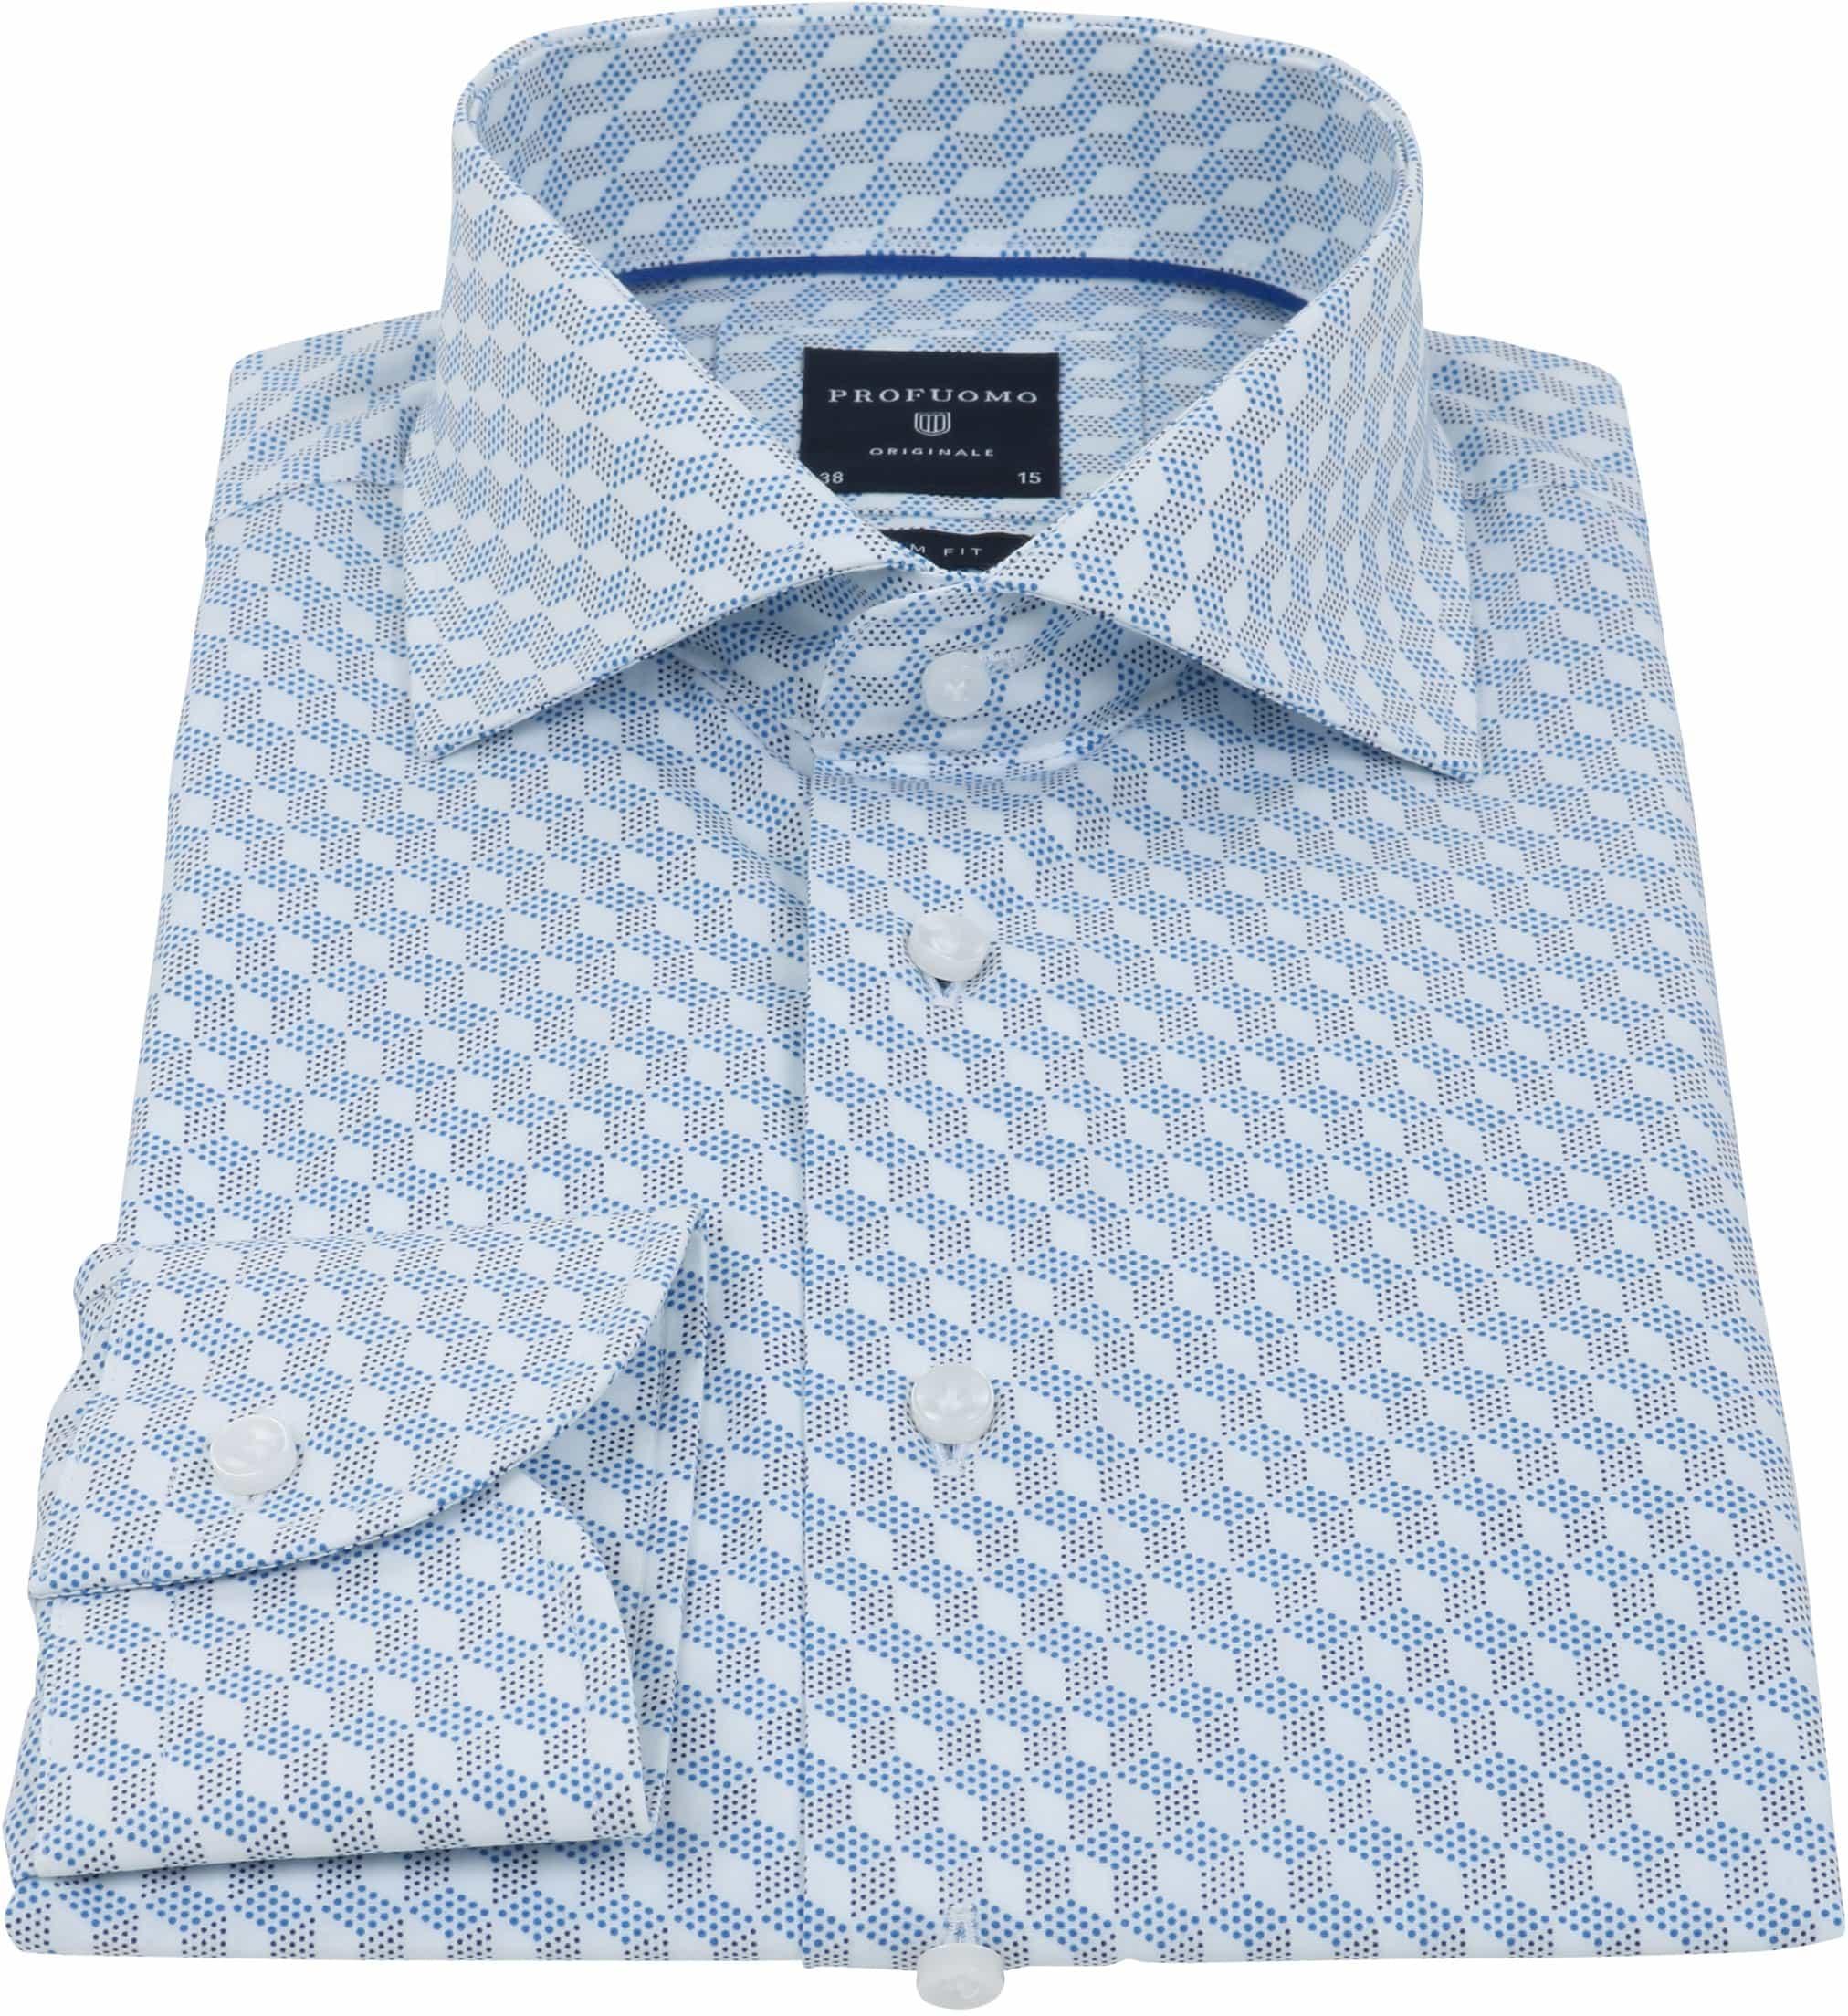 Profuomo Overhemd SF Dessin Blauw foto 2